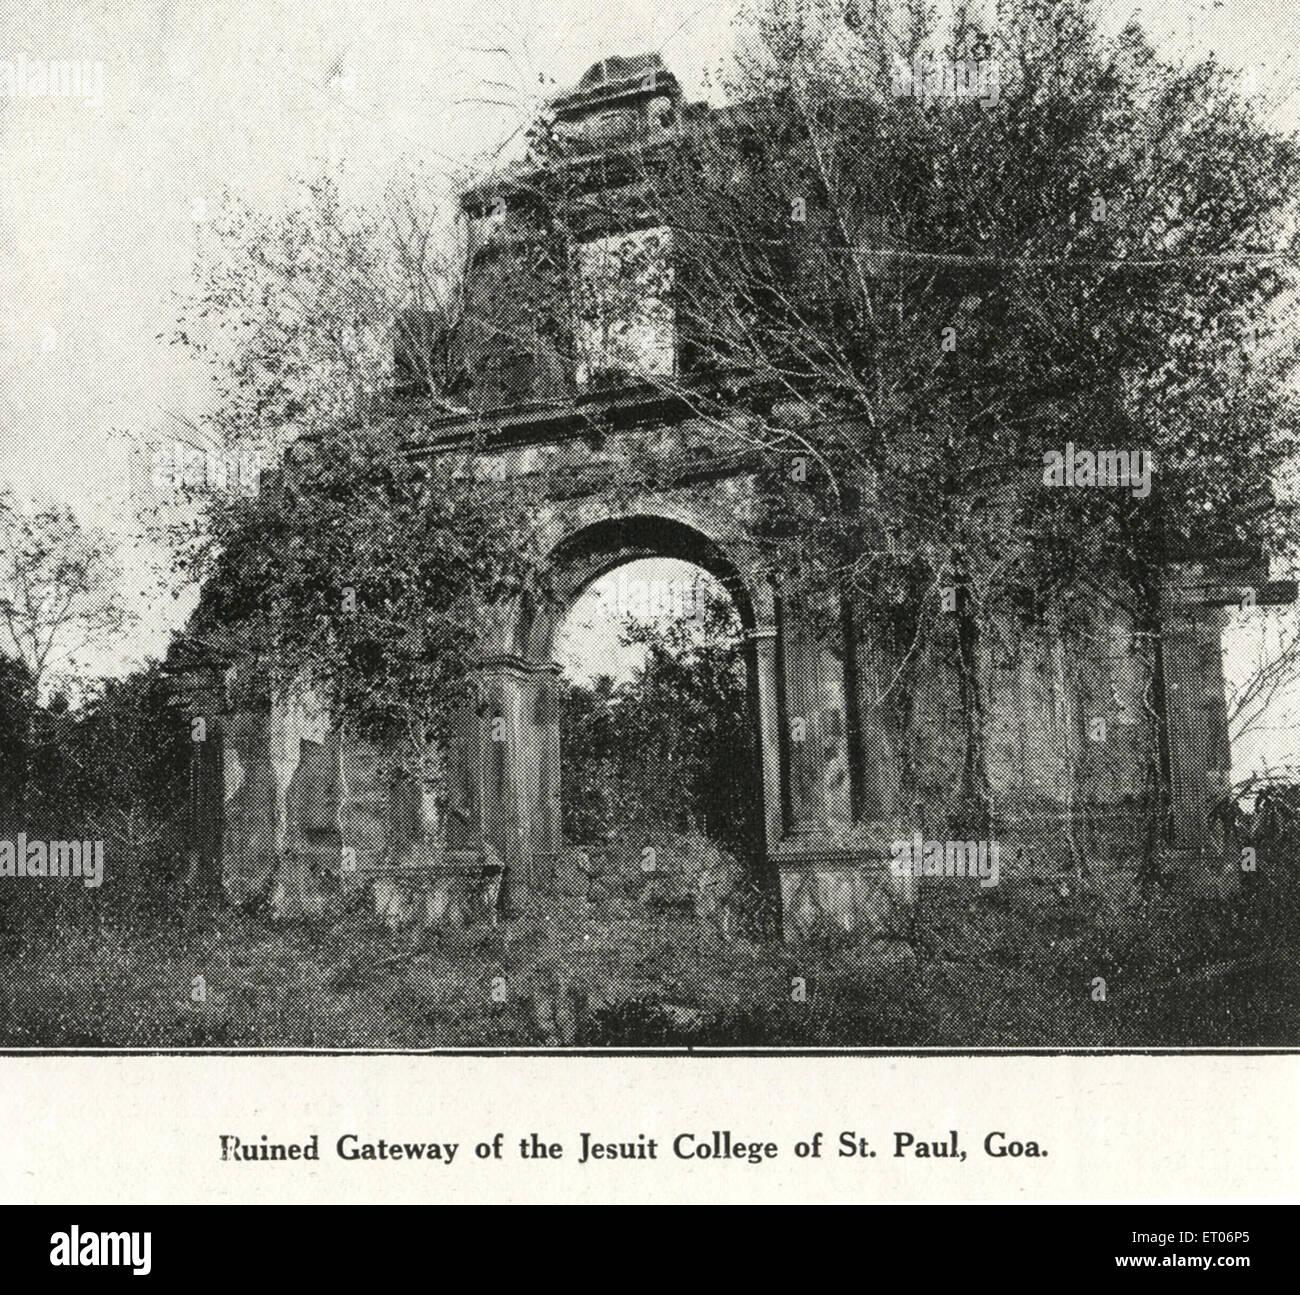 Catholic community ruined gateway of Jesuit College of St Paul ; Goa ; India - Stock Image